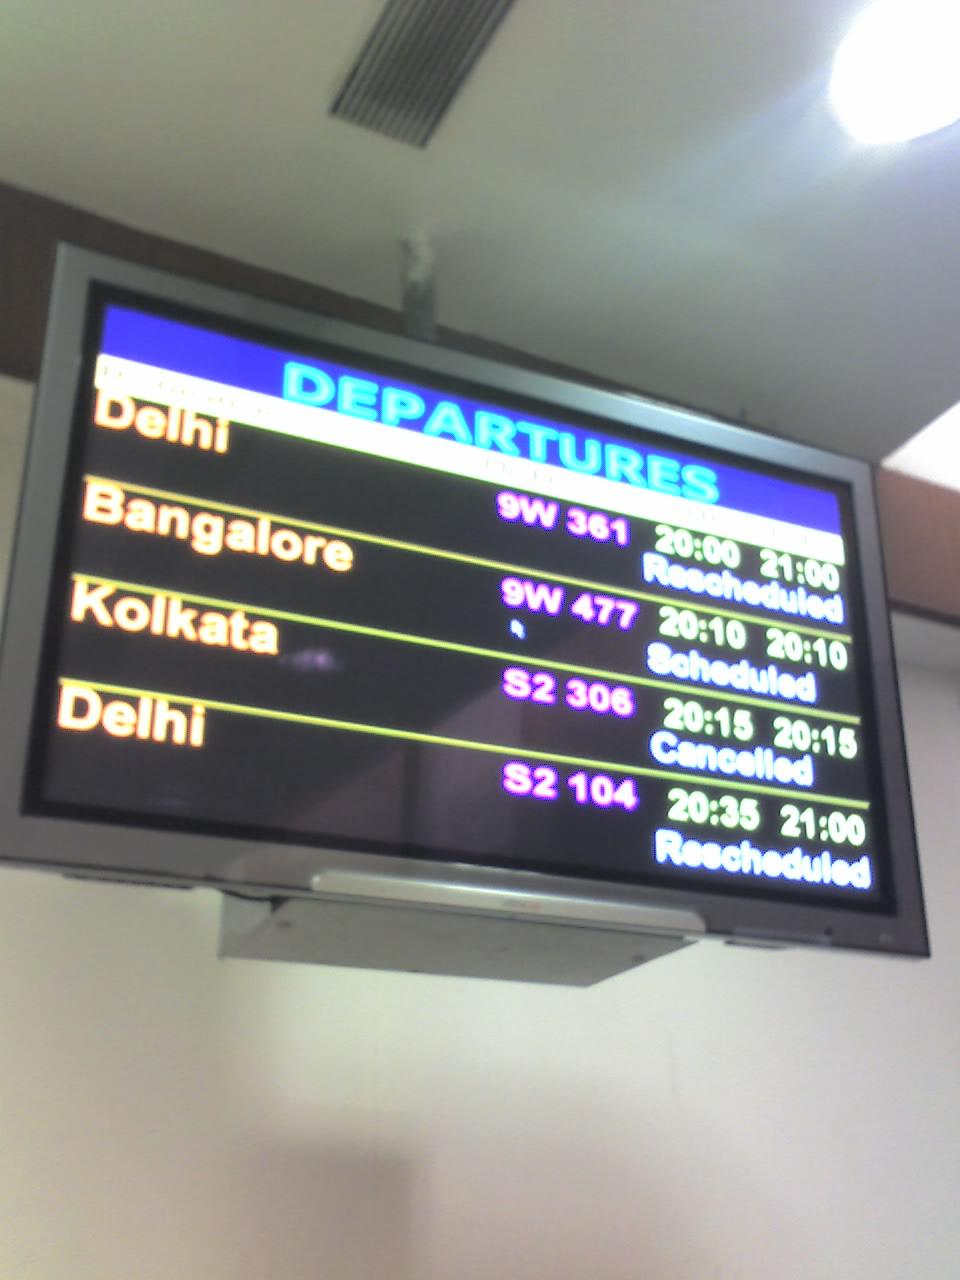 これはムンバイ空港の出発時刻案内掲示板。一番上のフライトは「Resche... ムンバイ国内空港